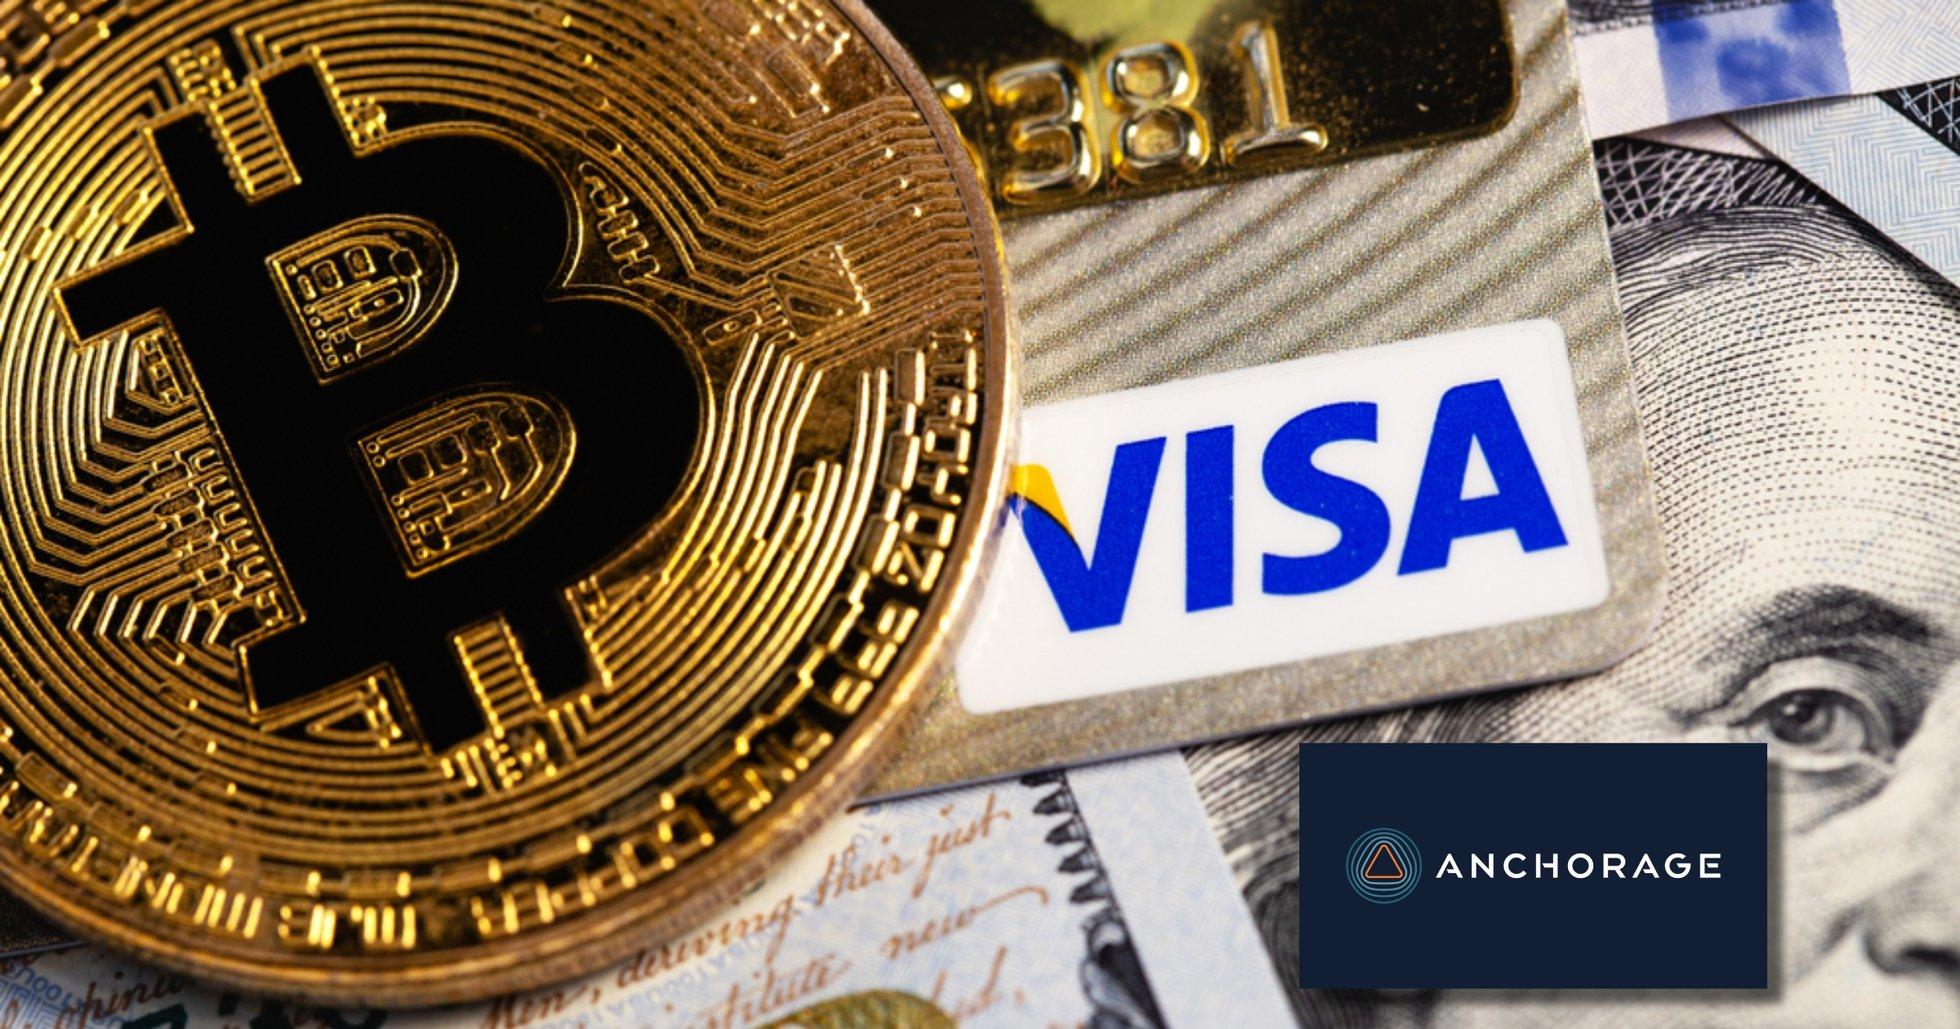 Visa pilottestar tjänst som låter banker erbjuda sina kunder kryptohandel